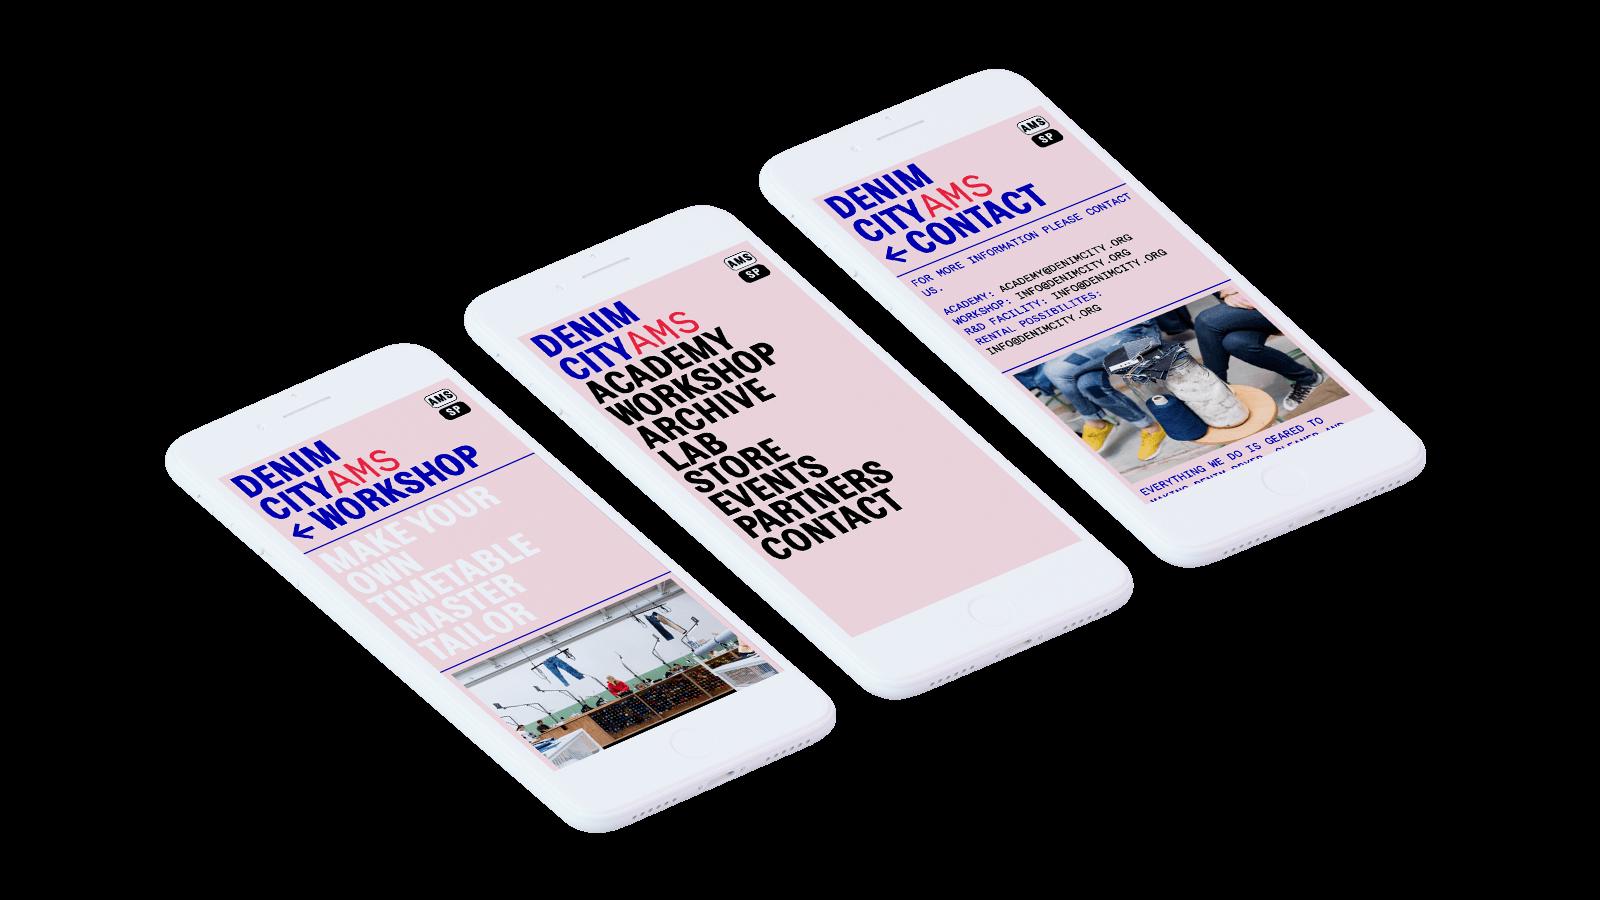 Mobile version of the Denim City platform